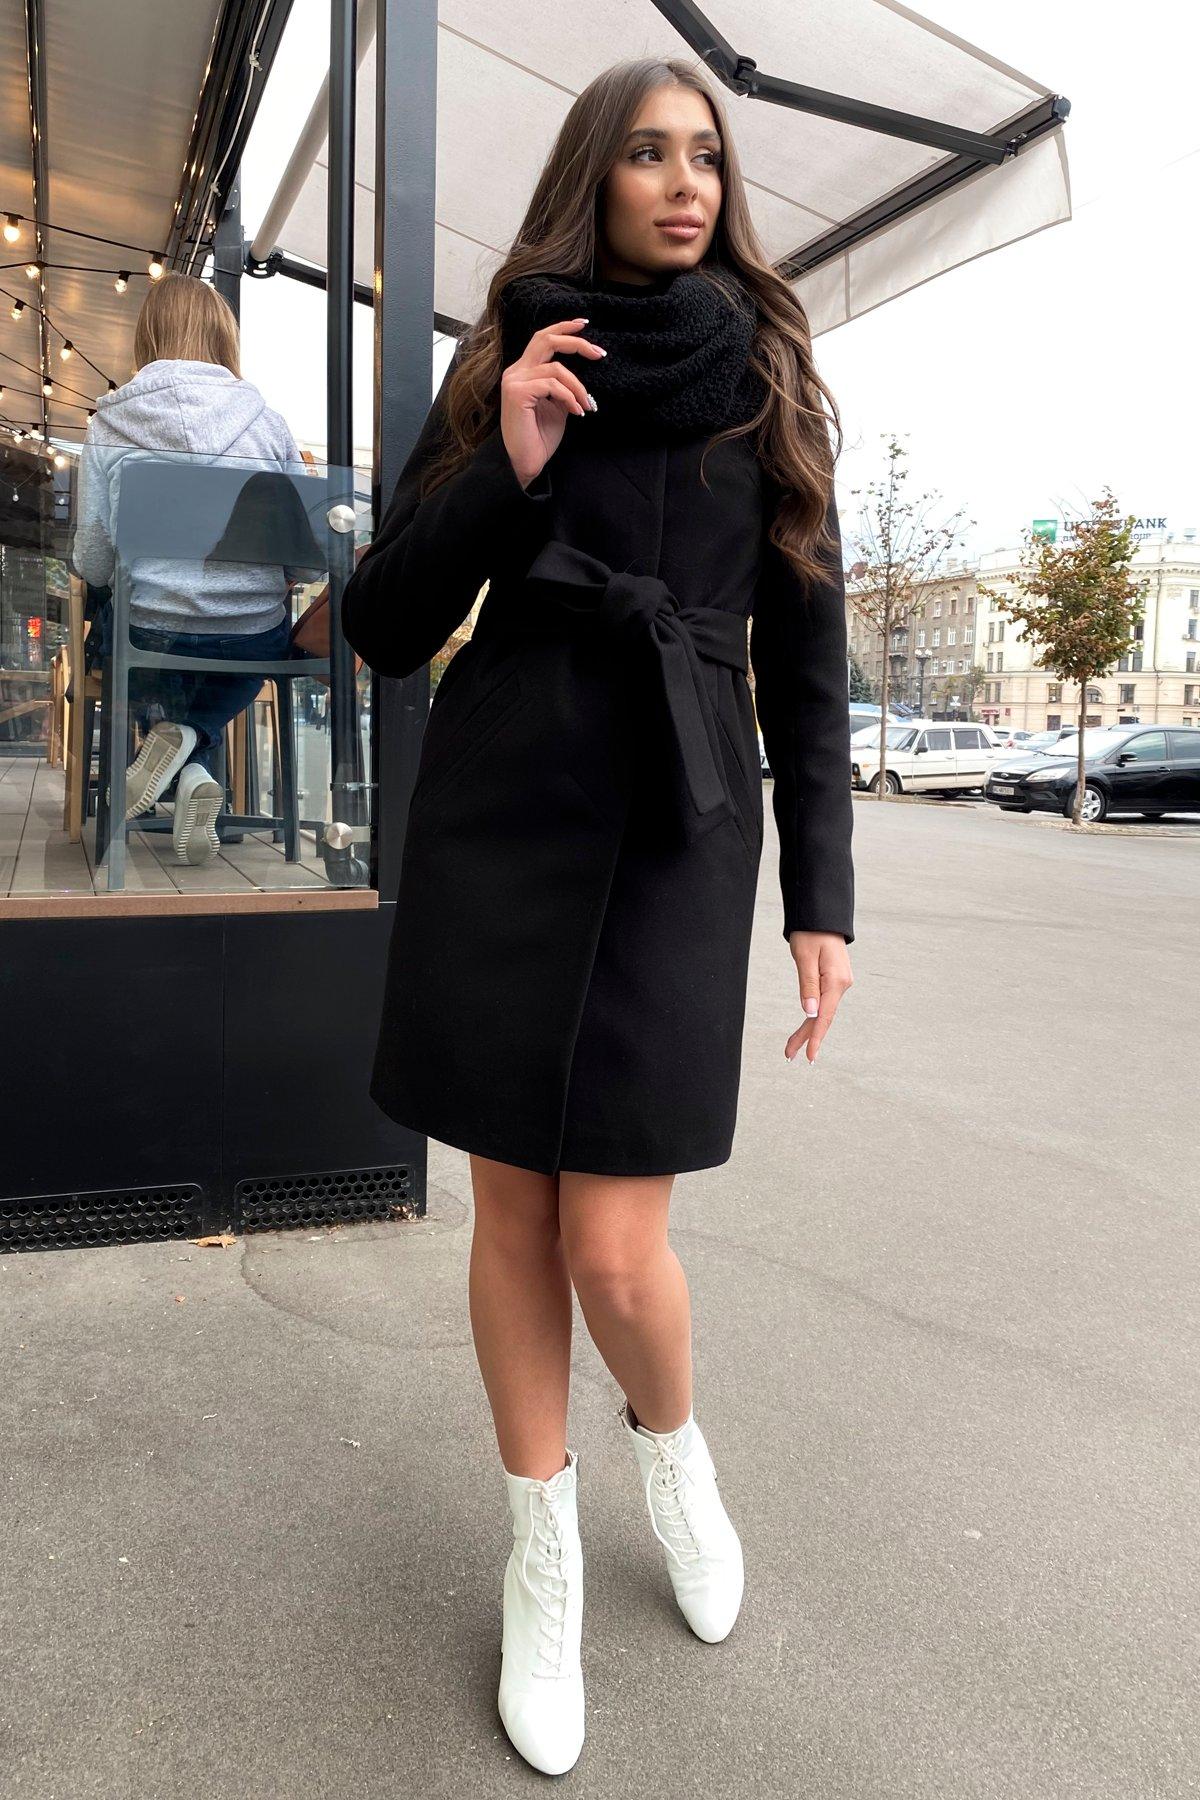 Пальто зима с хомутом Люцея 8211 АРТ. 44225 Цвет: Черный Н-1 - фото 7, интернет магазин tm-modus.ru